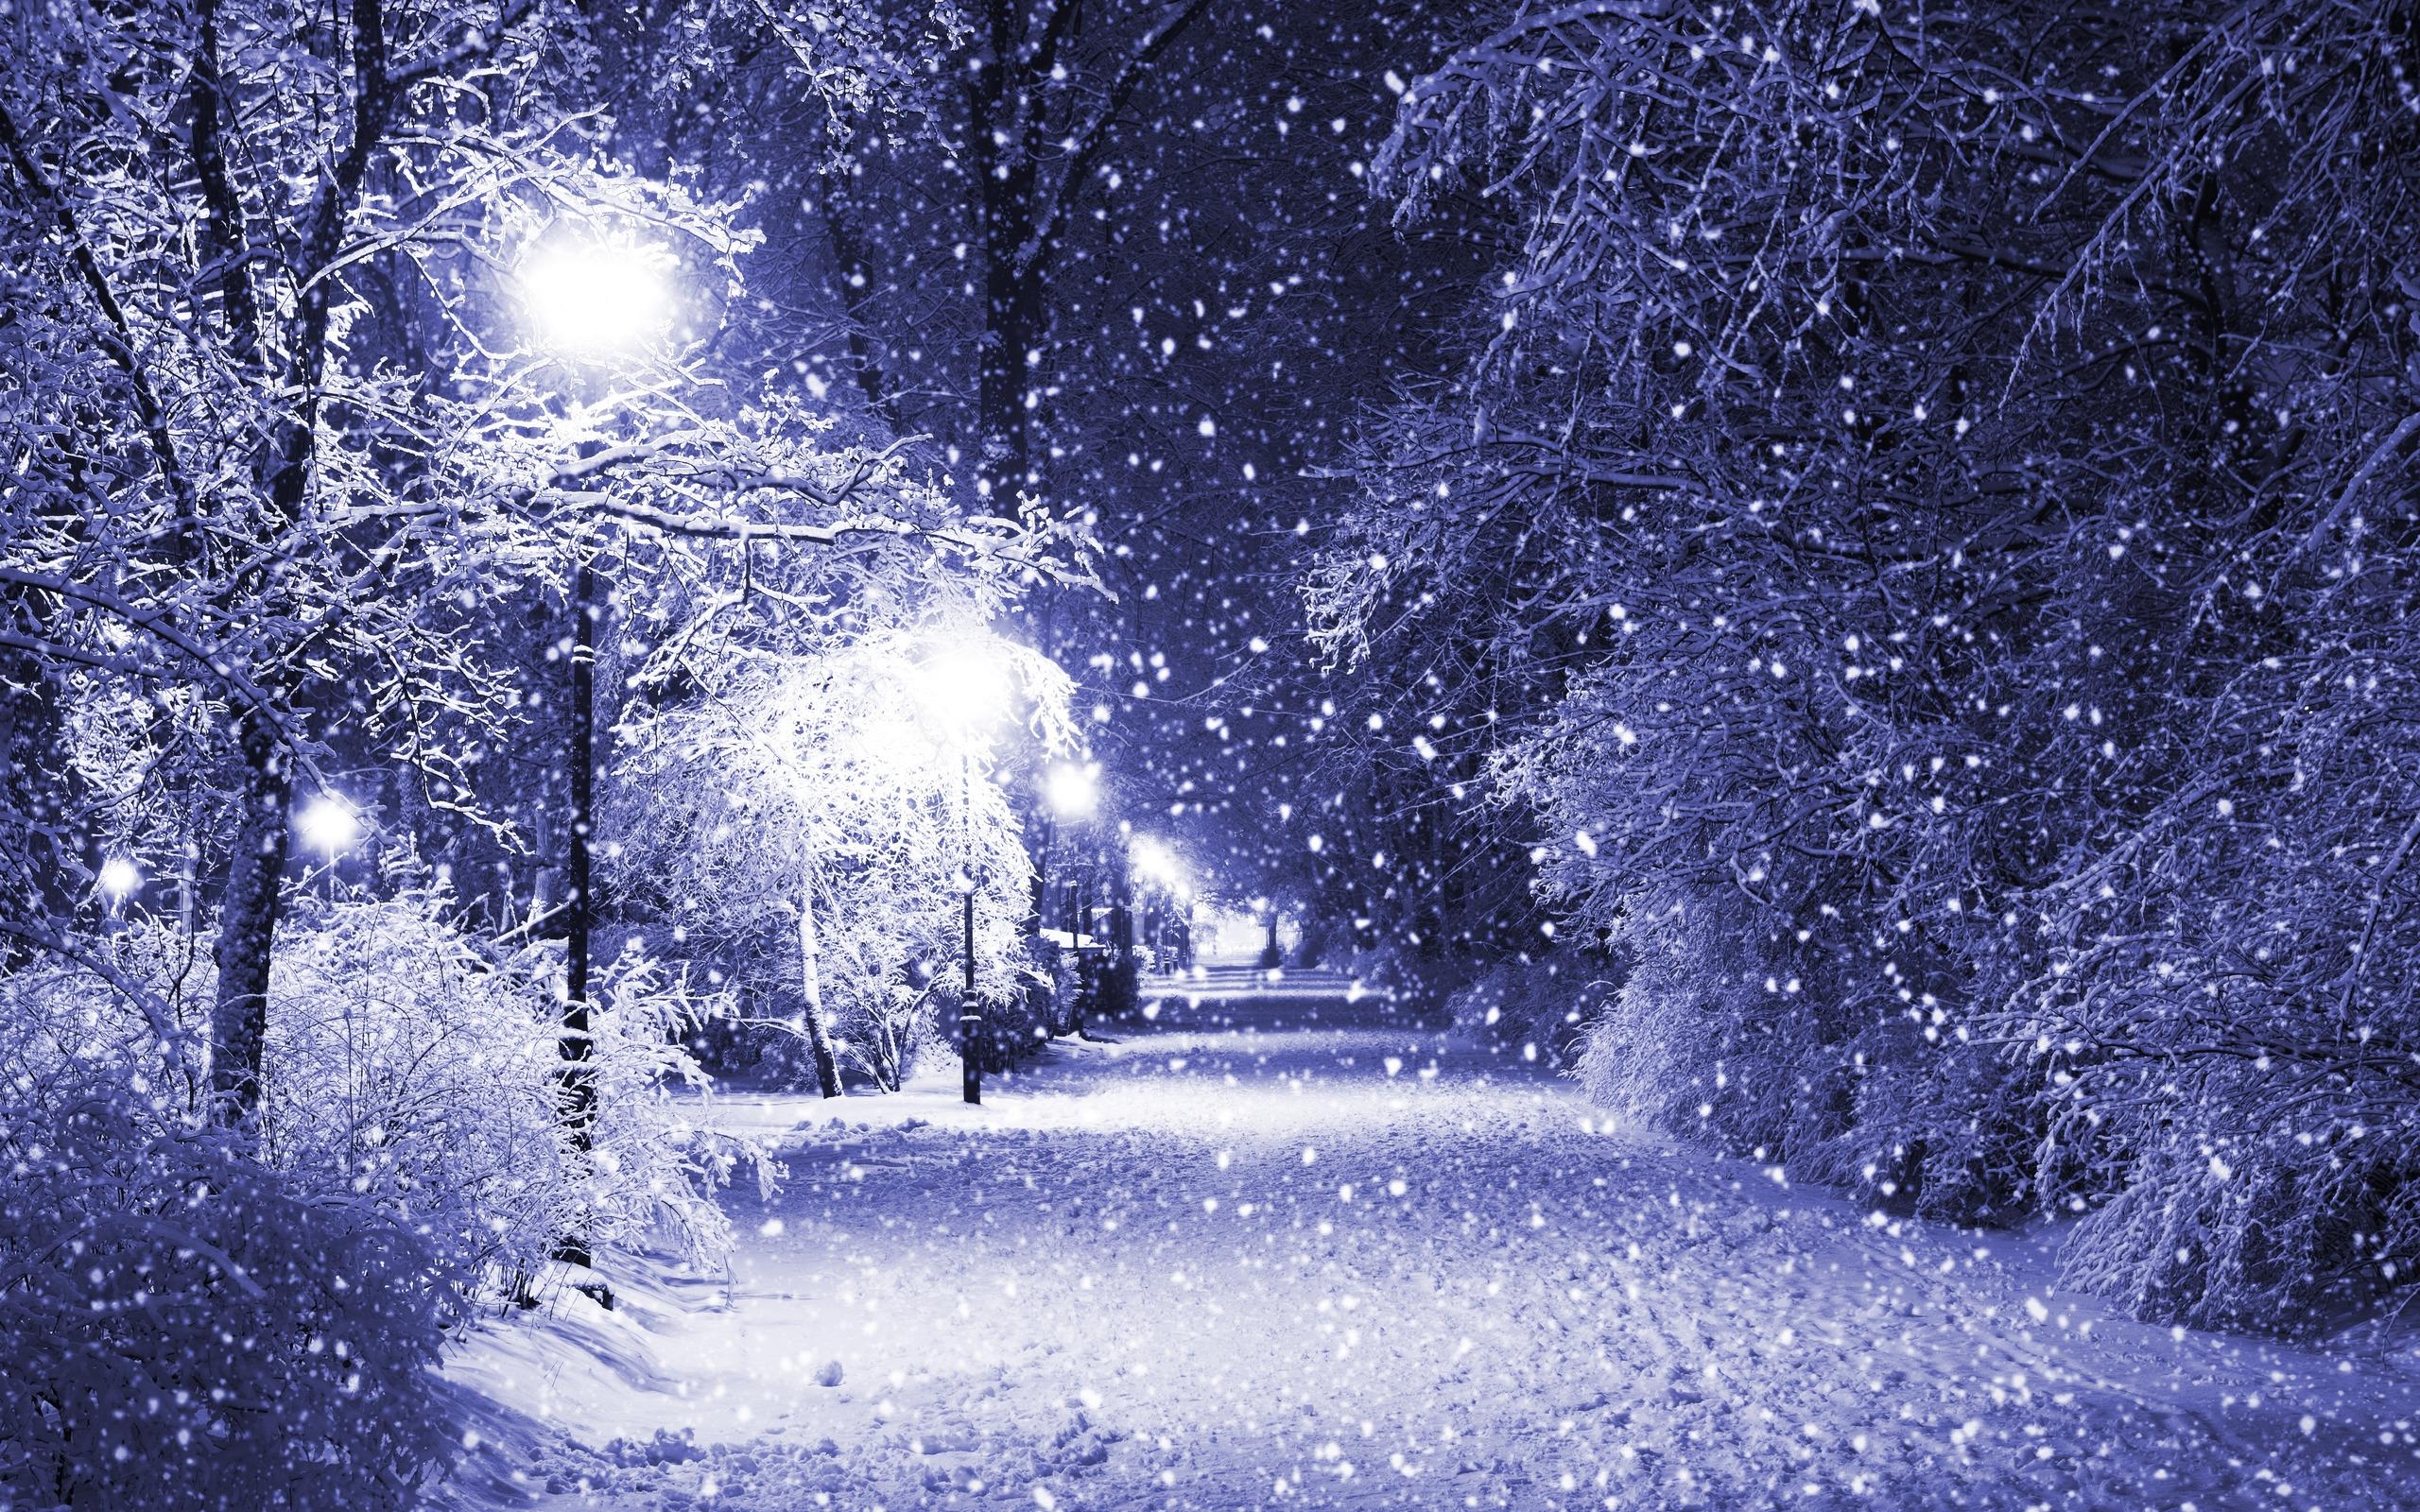 free winter desktop wallpaper downloads   wwwwallpapers in hdcom 2560x1600